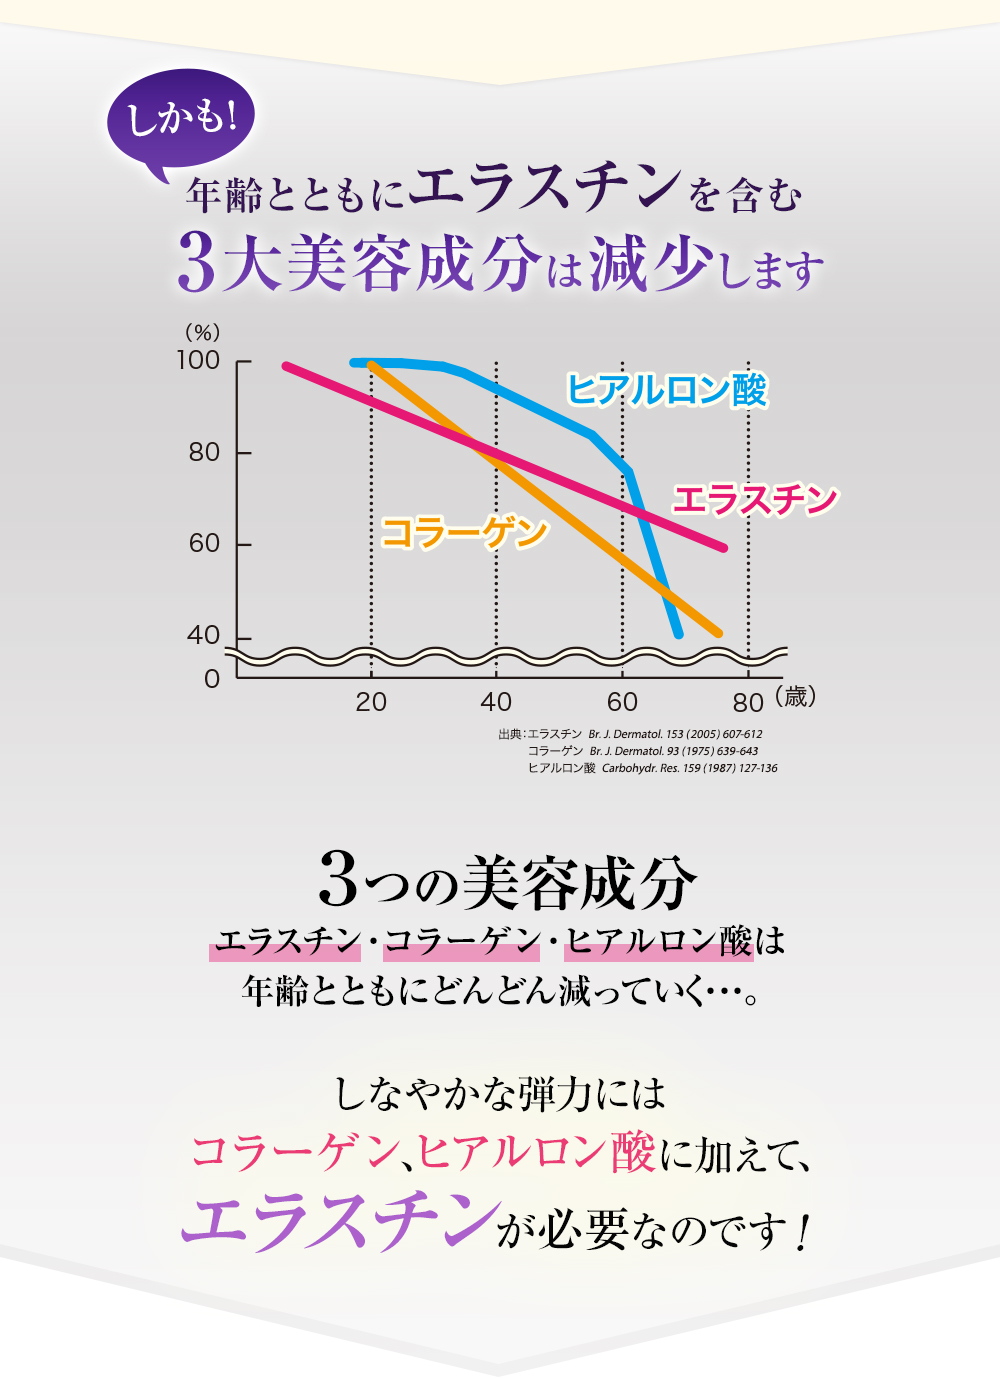 しかも!年齢とともにエラスチンを含む3大美容成分は減少します